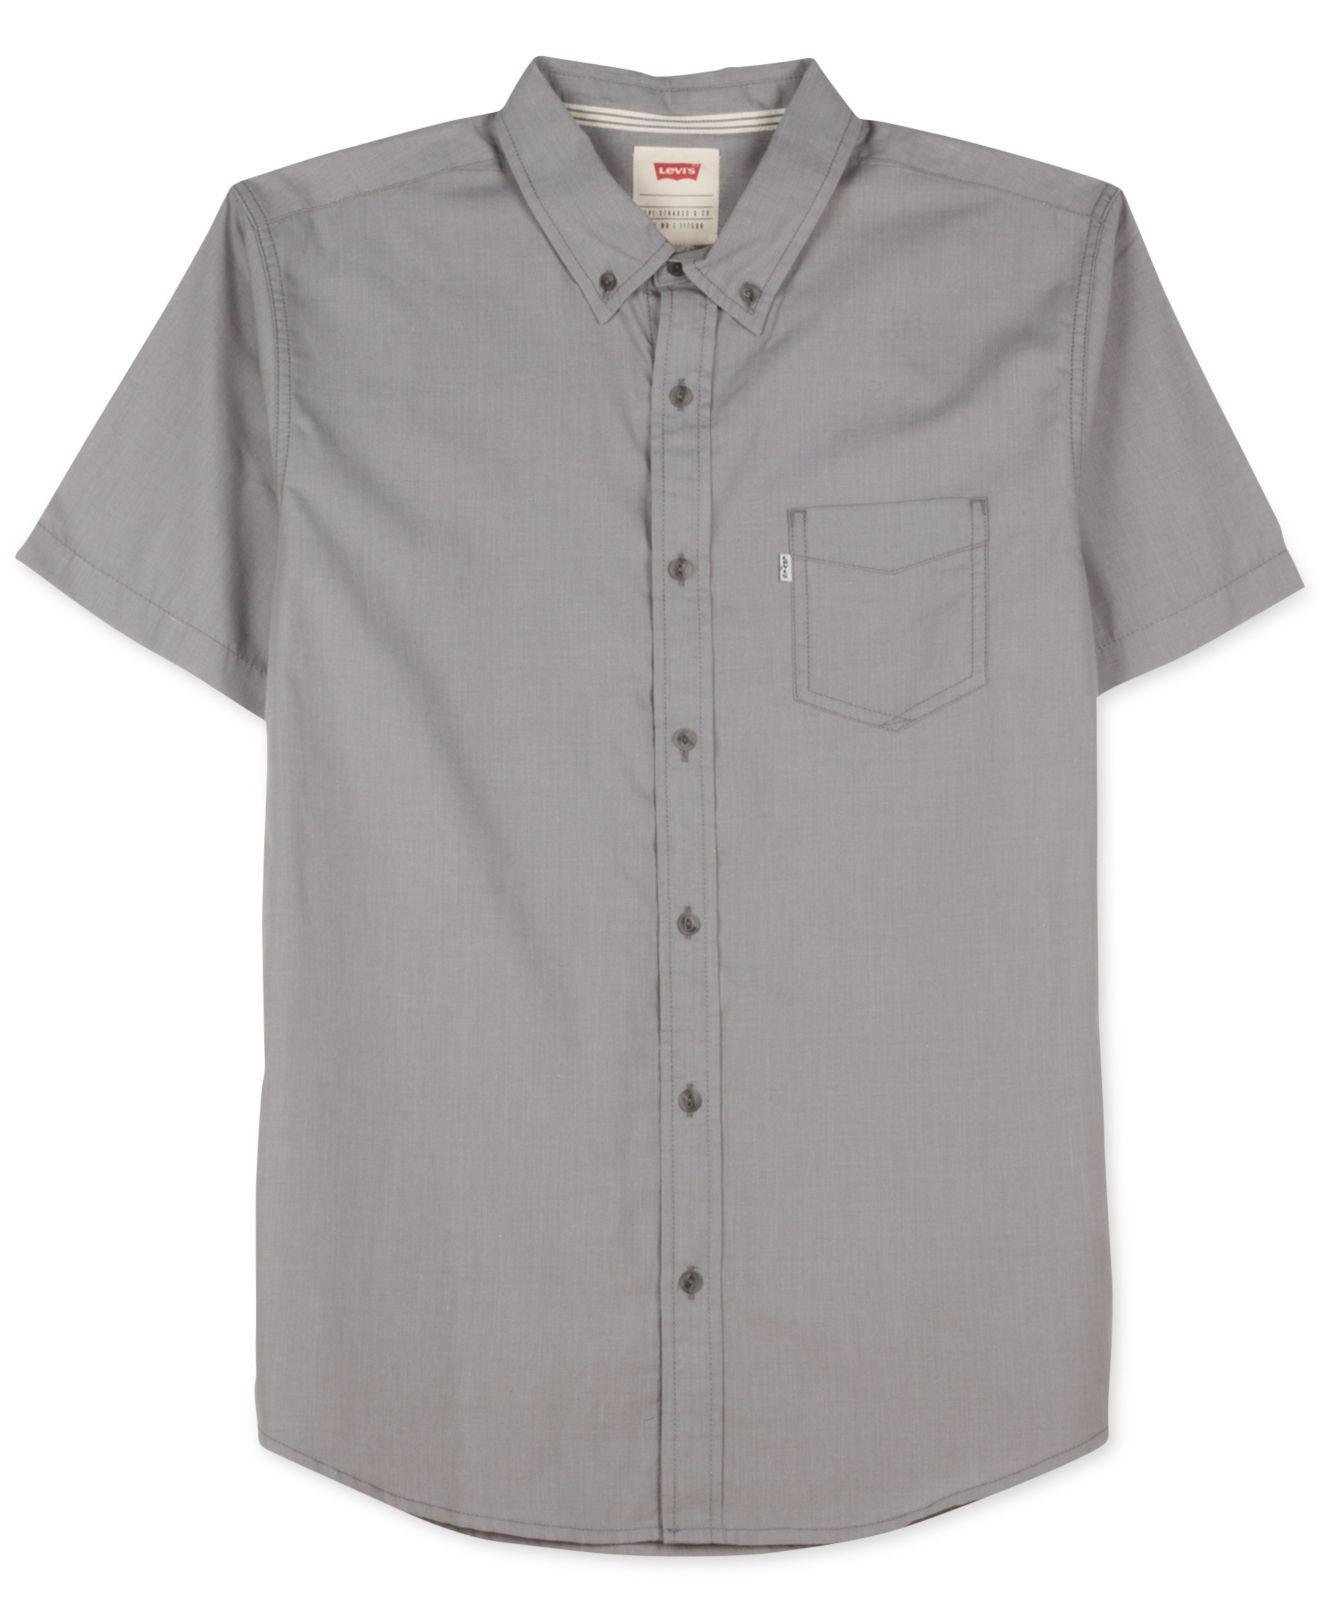 Black Levi Shirt Levi's Dar Poplin Shirt